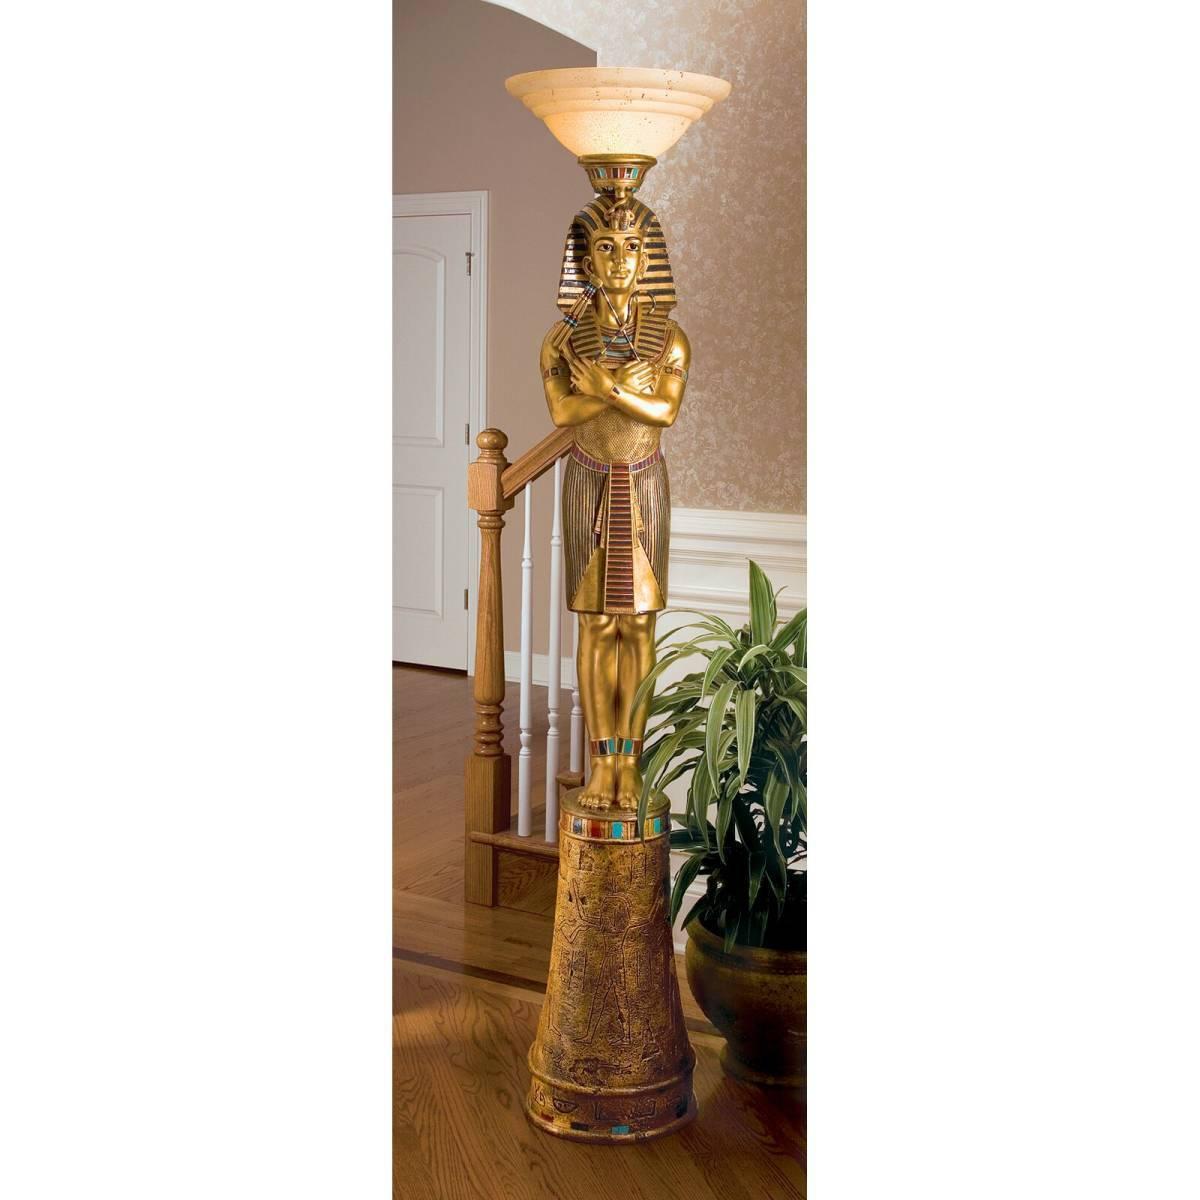 デザイン・トスカノ製 キング・ツタンカーメン(王)彫刻台座 フロア・ランプ 彫像/ King Tut Sculptural Floor Lamp(輸入品)